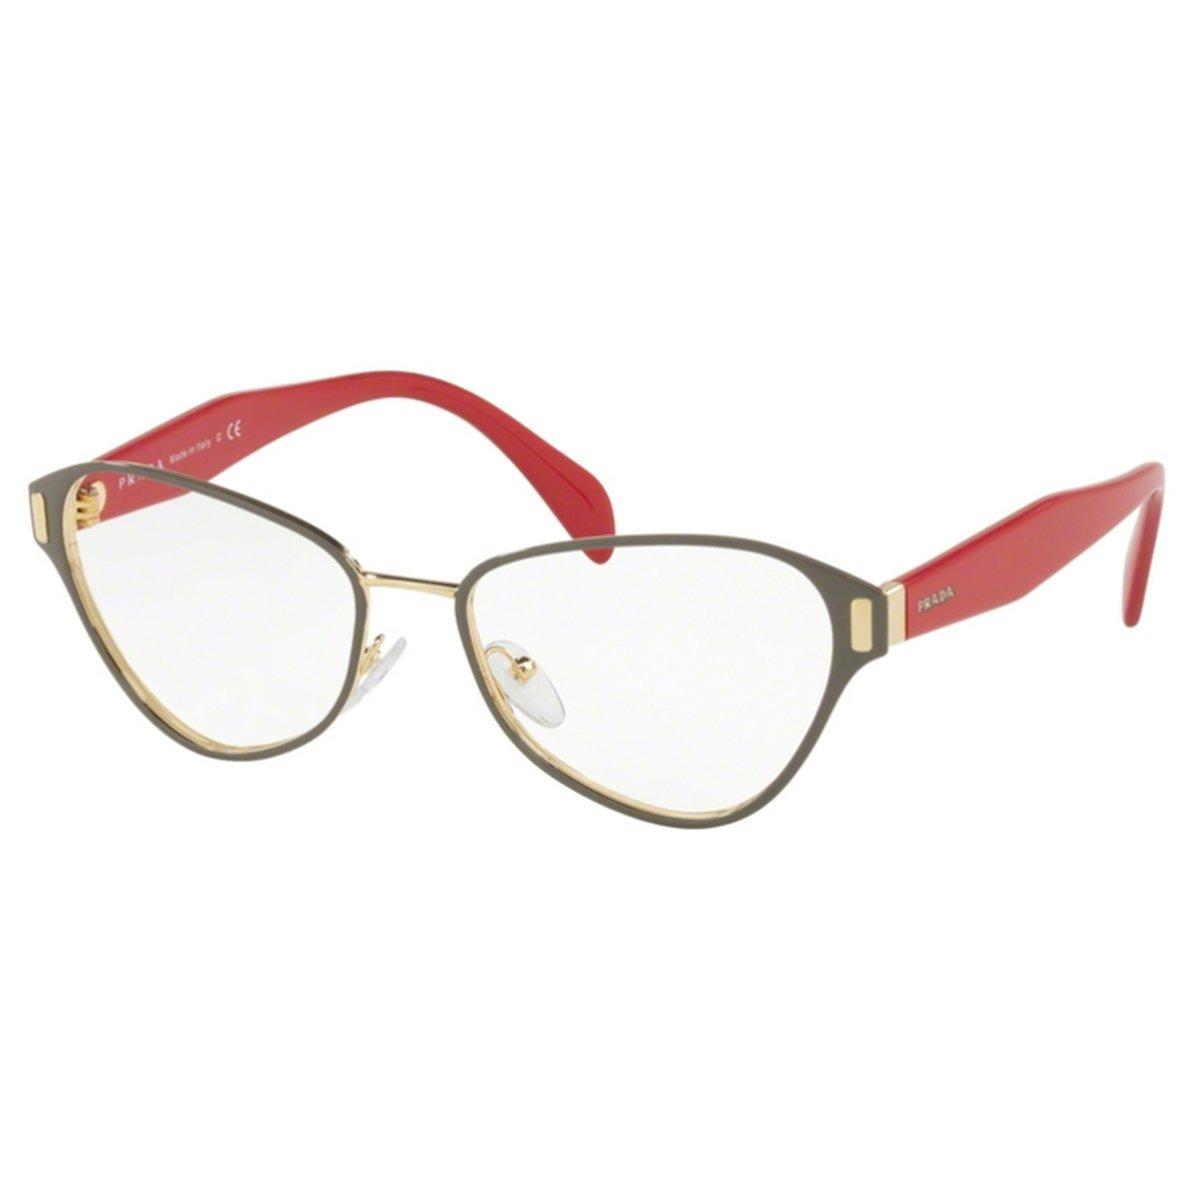 Óculos de Grau - Prada - Feminino - Ponte  17 mm 5d4588bbdd